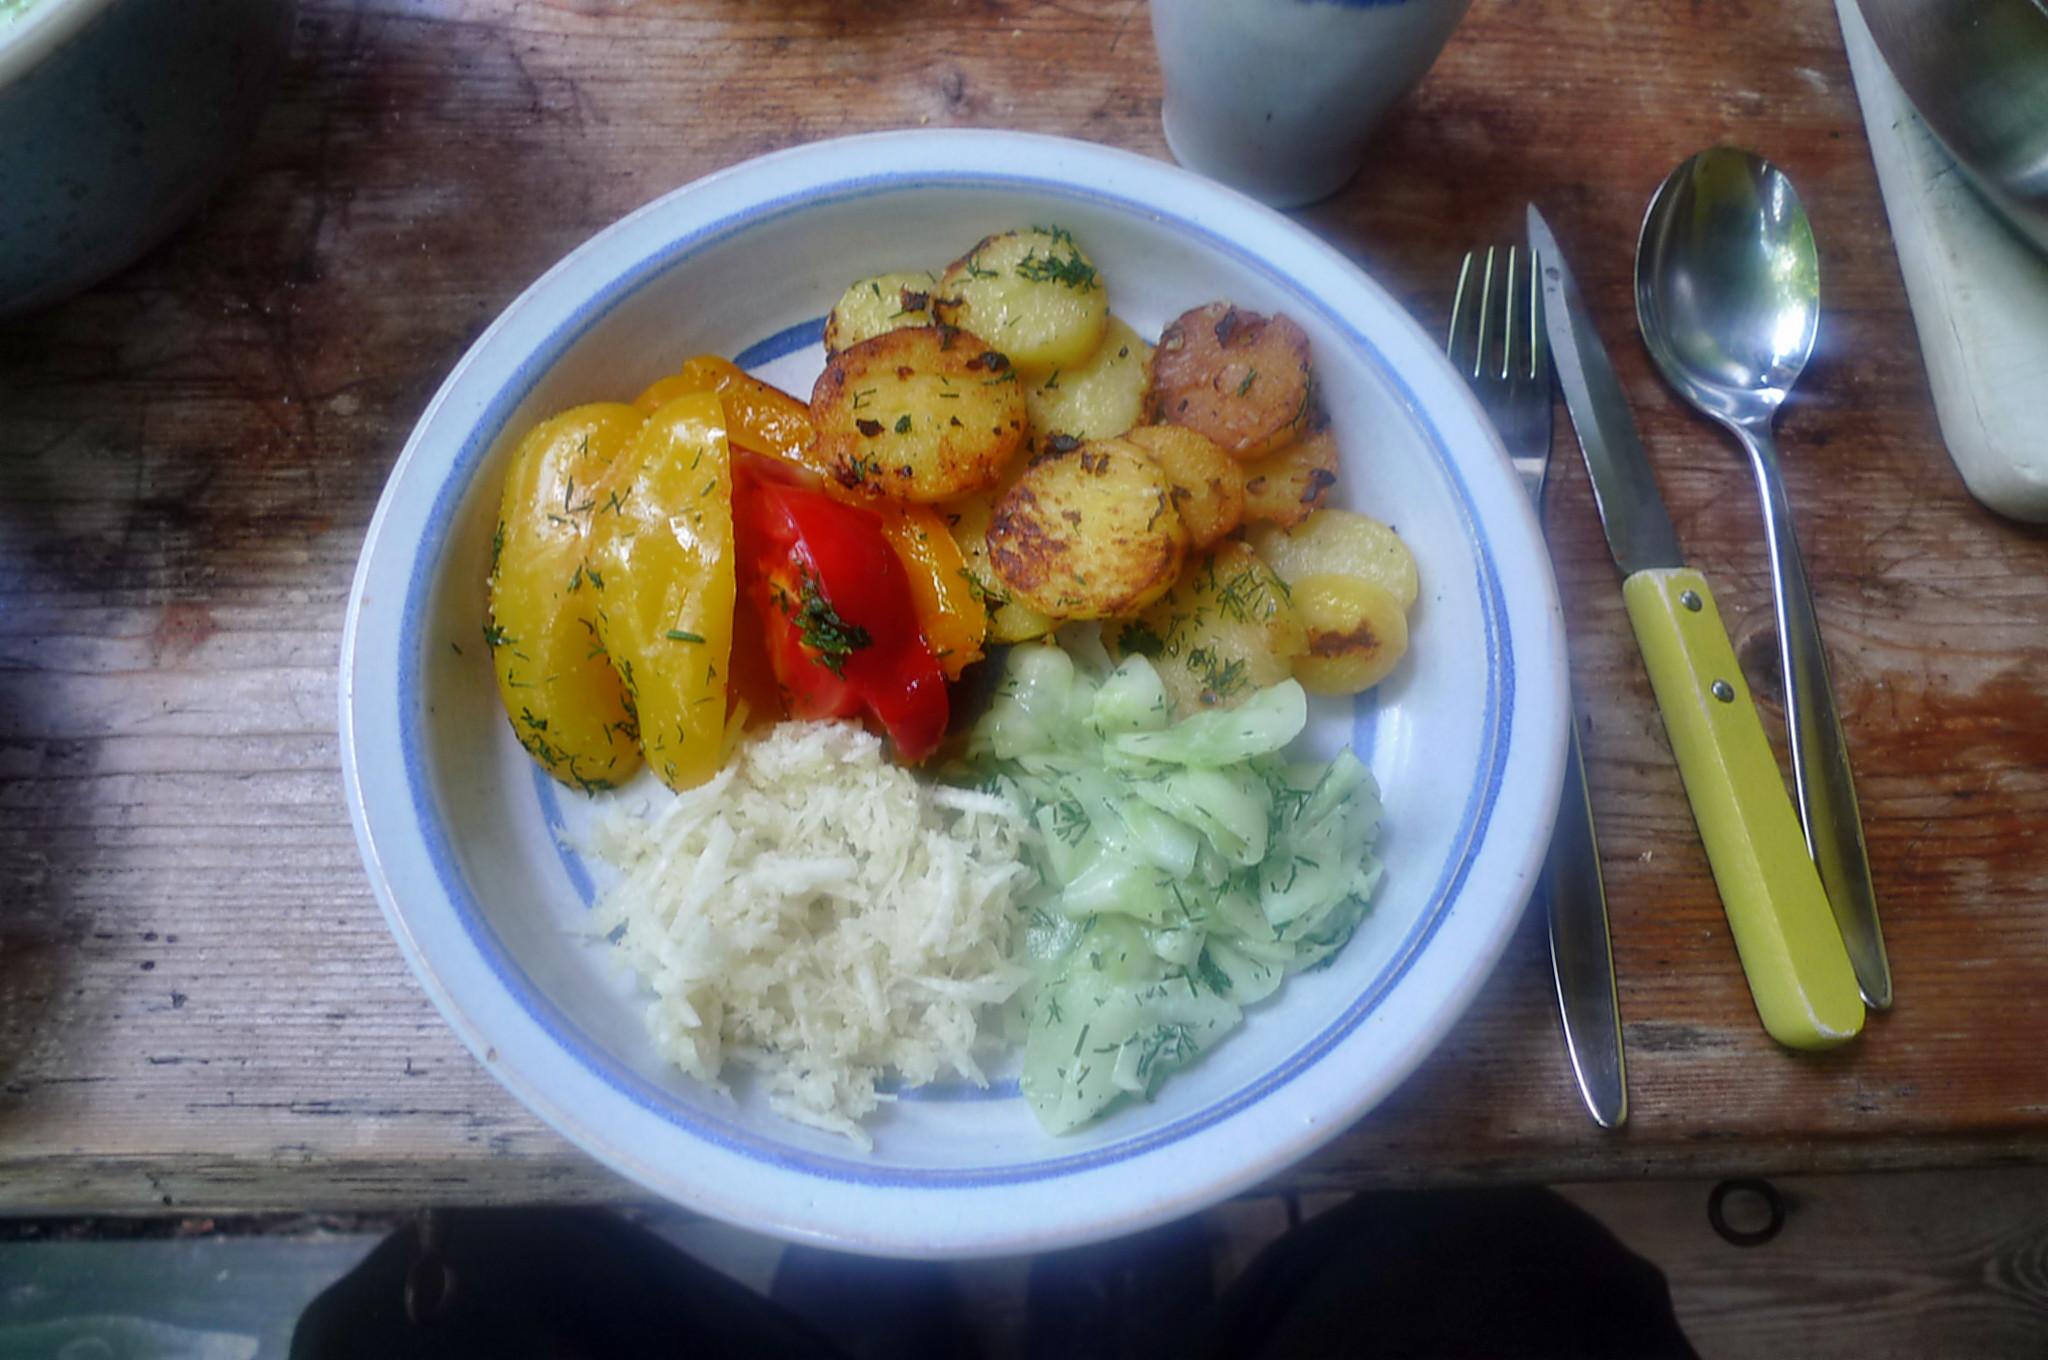 Paprika-Rettichsalat-Gurkensalat-Bratkartoffel-1.8.14   (1)